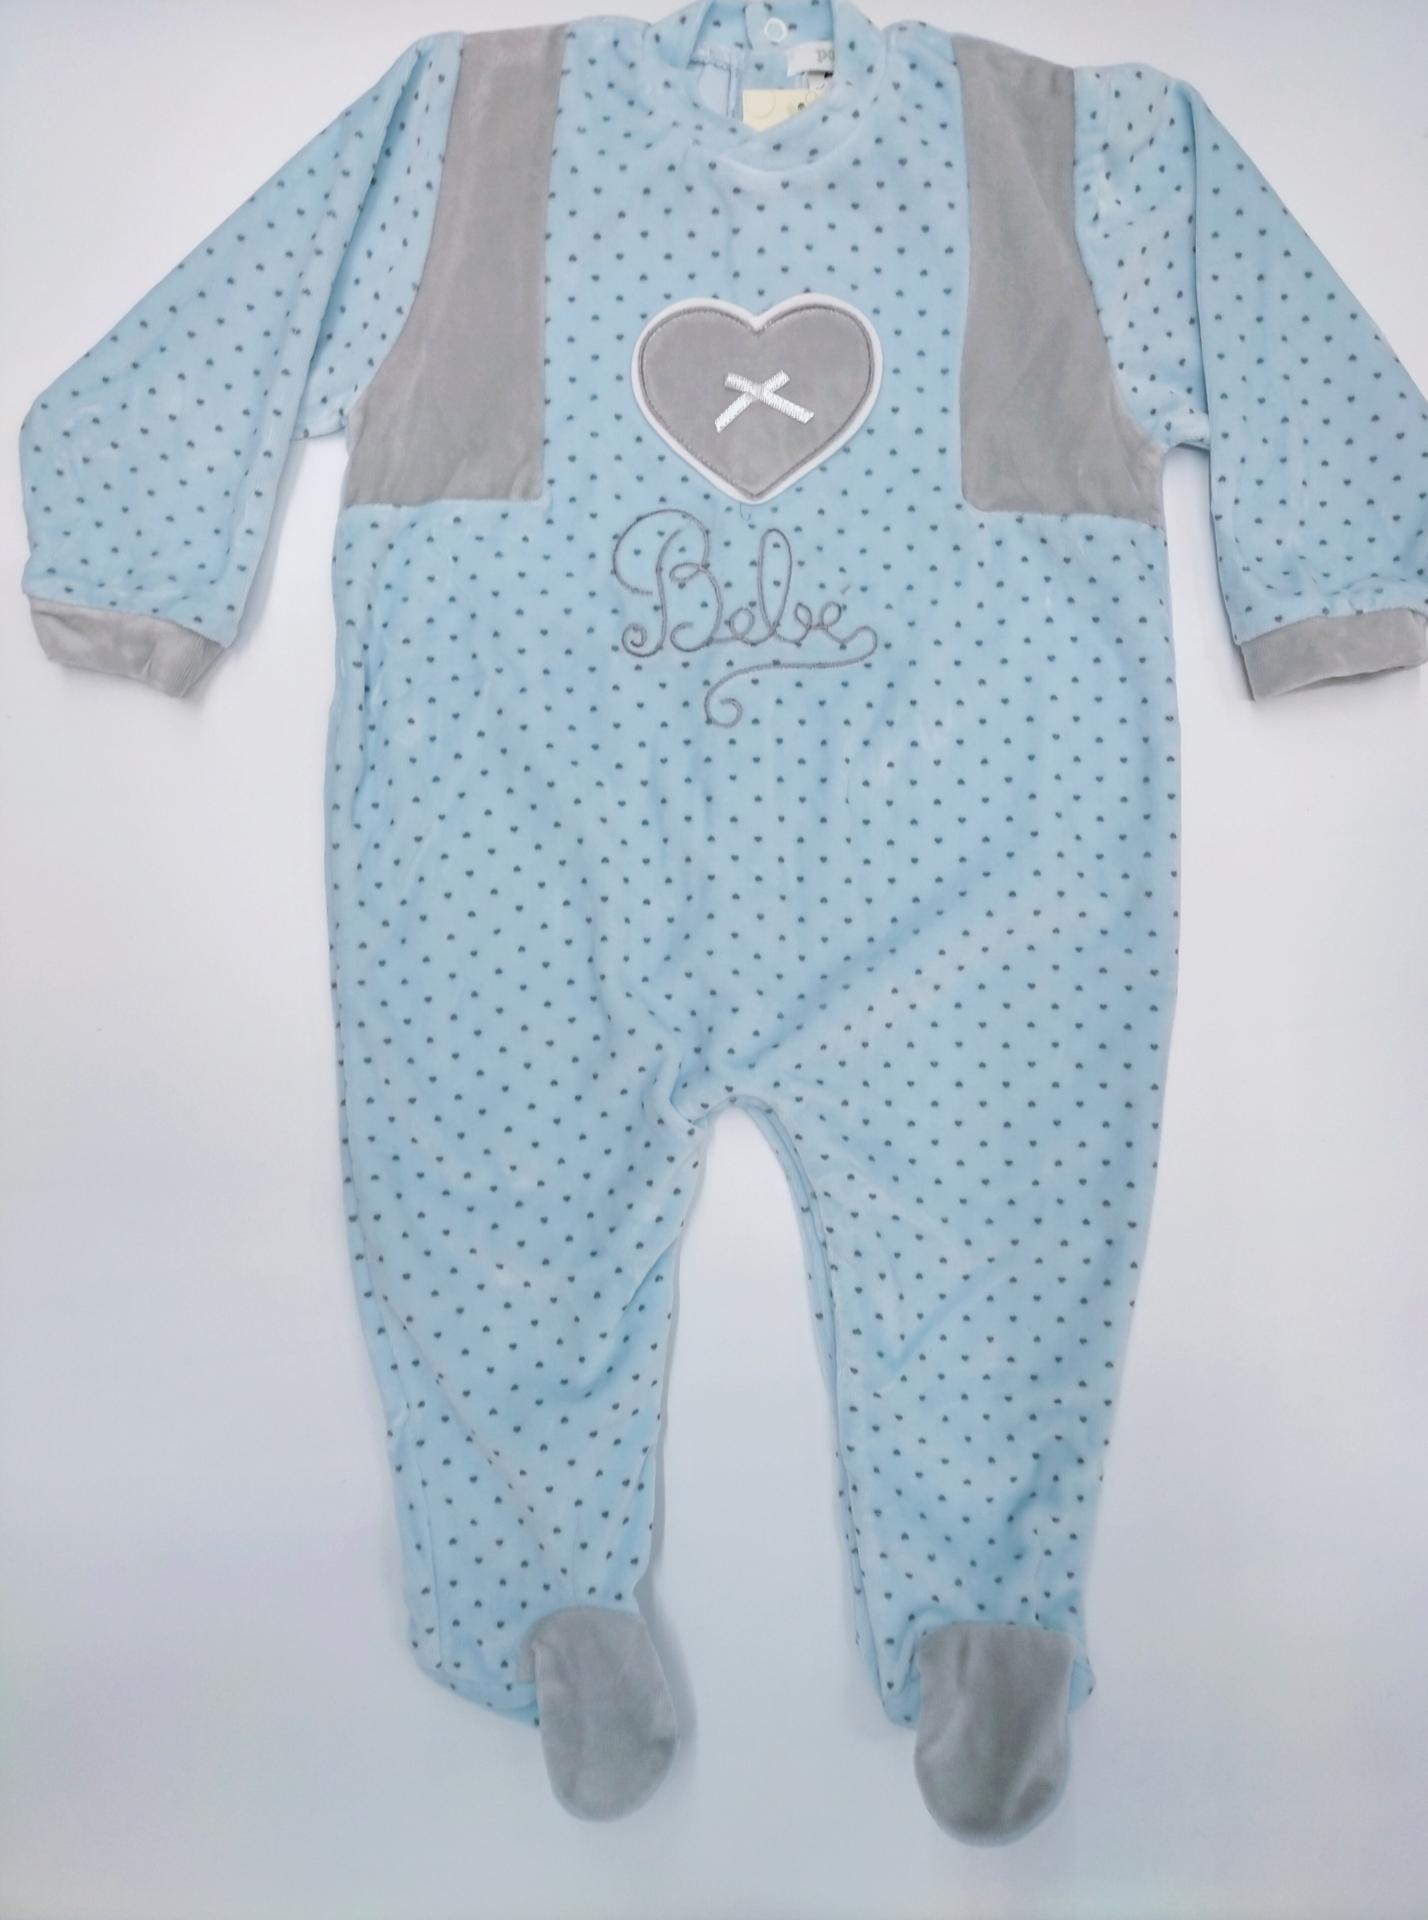 Pijama bebé  topos gris de POPYS.